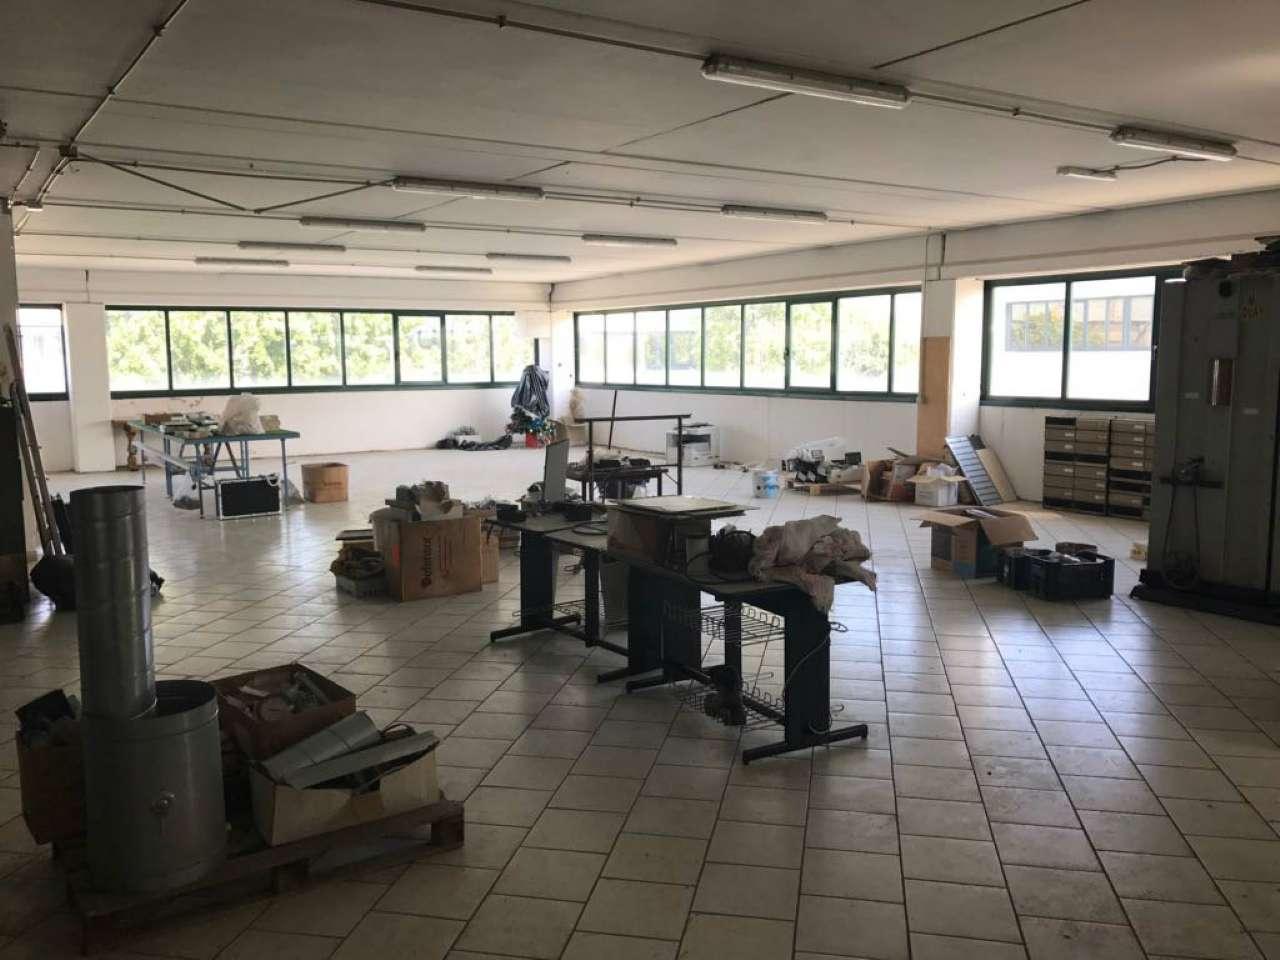 Capannone in vendita a Guidonia Montecelio, 1 locali, prezzo € 165.000 | CambioCasa.it